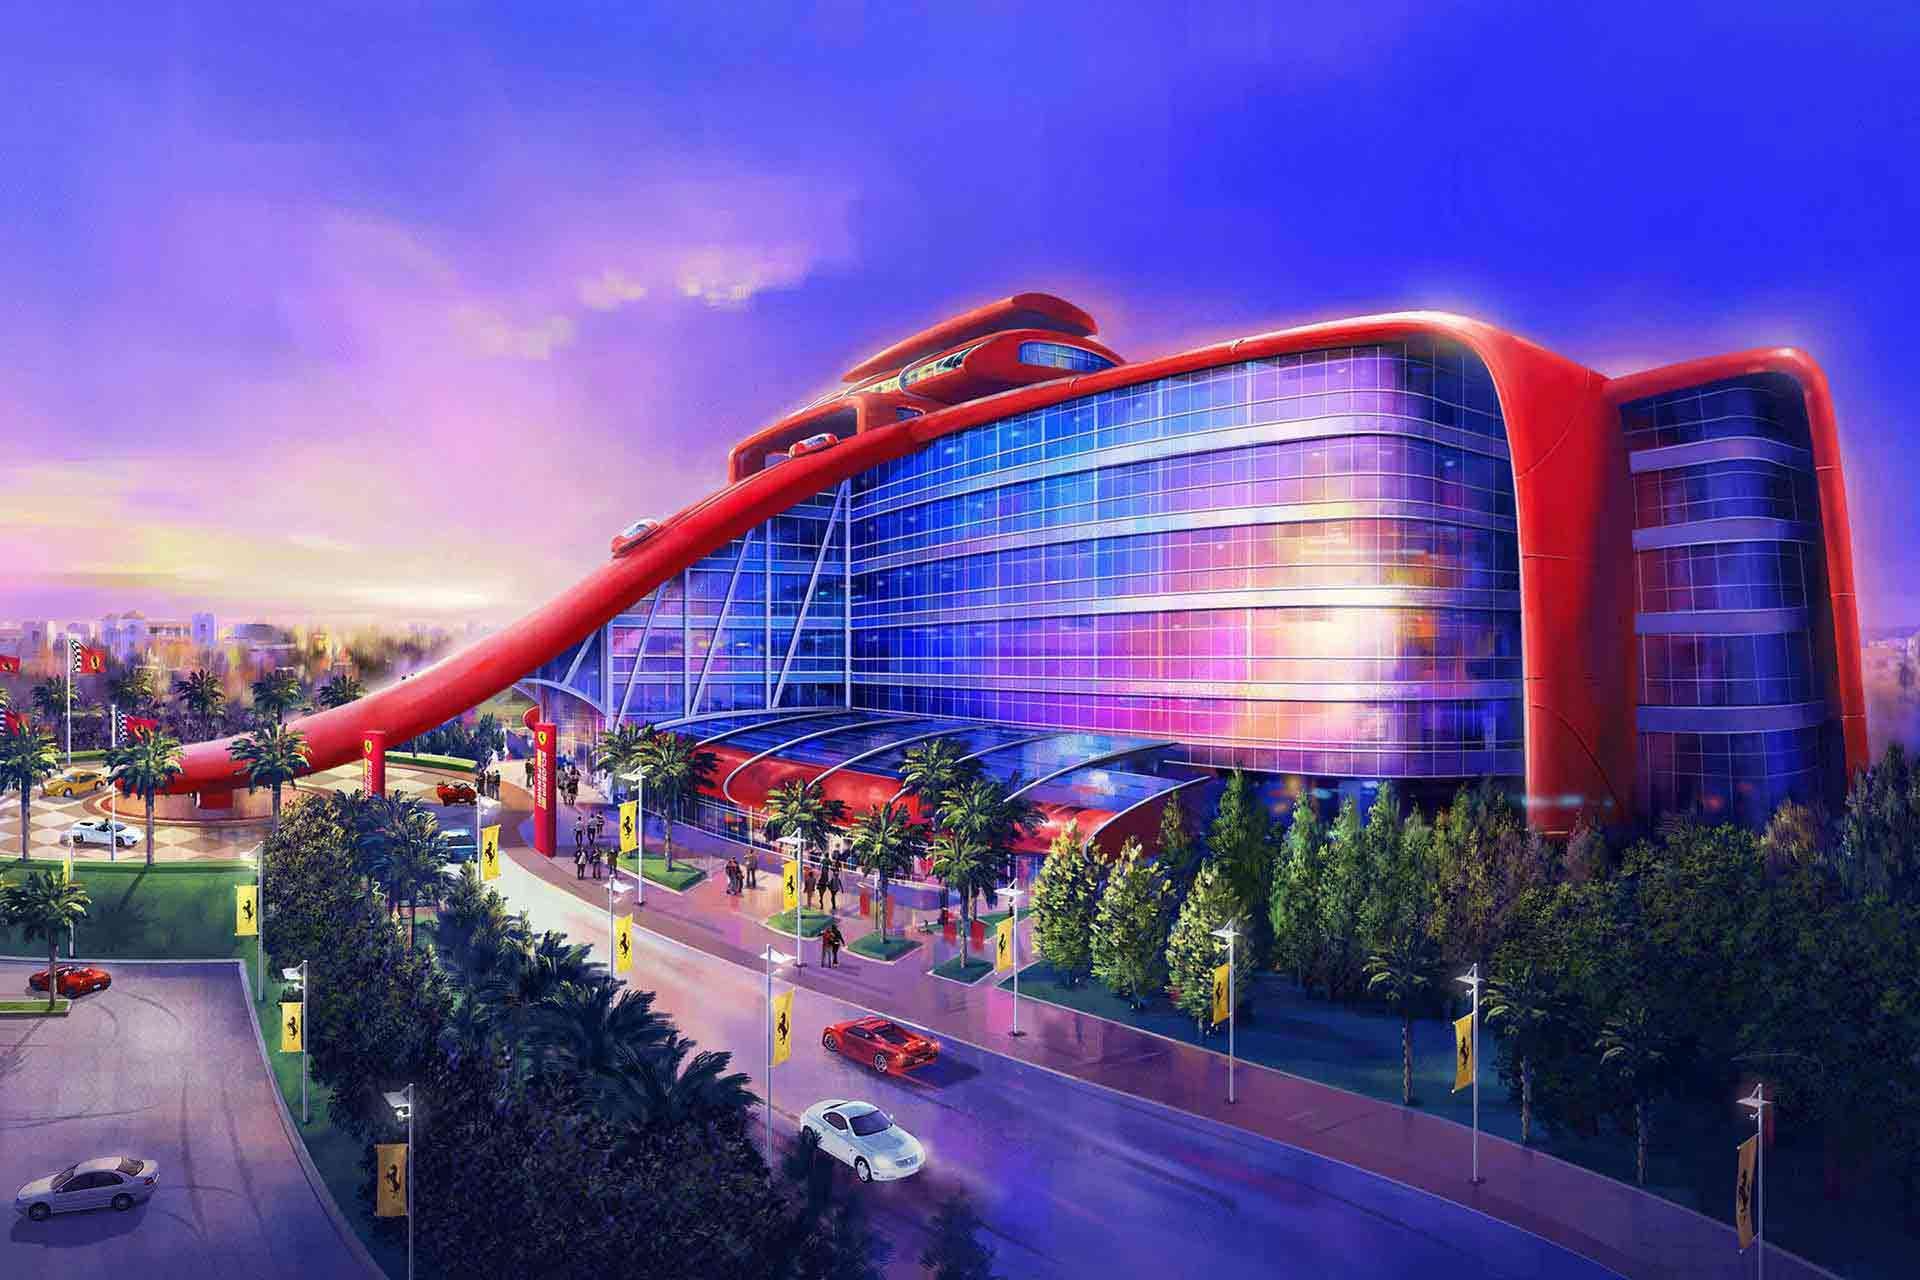 Specialist Thematic Design Architecture Hotel Concept Architecture Travel Spot